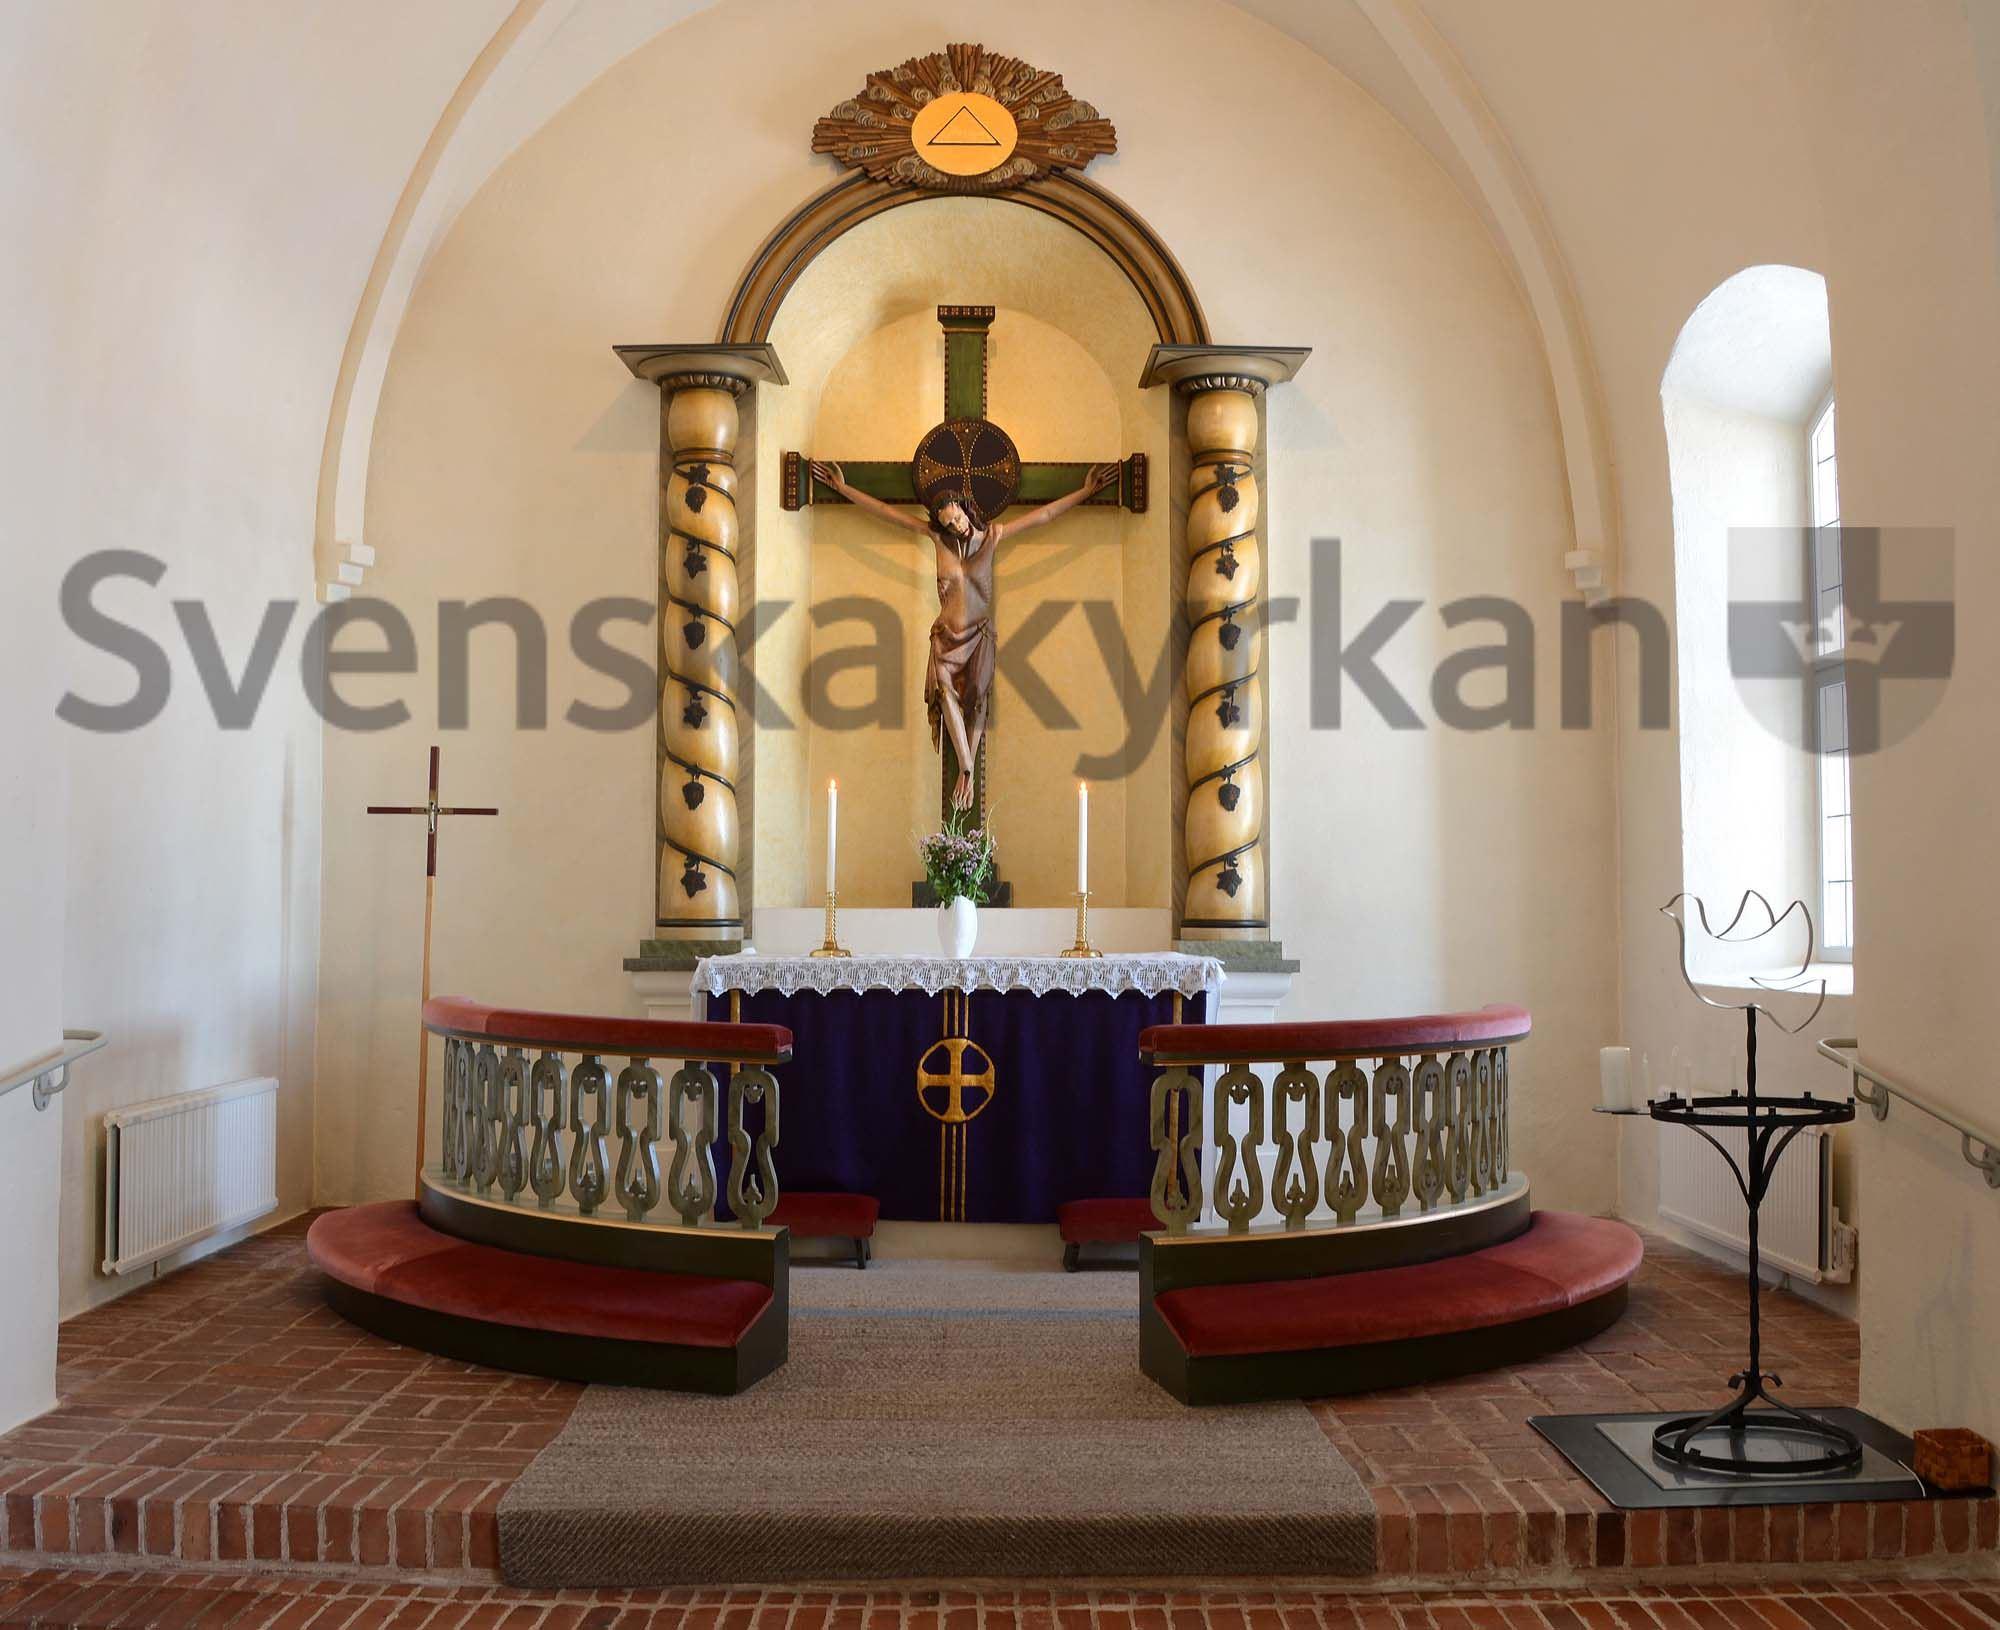 Bengt-Åke Fasth, Odensjö kyrka